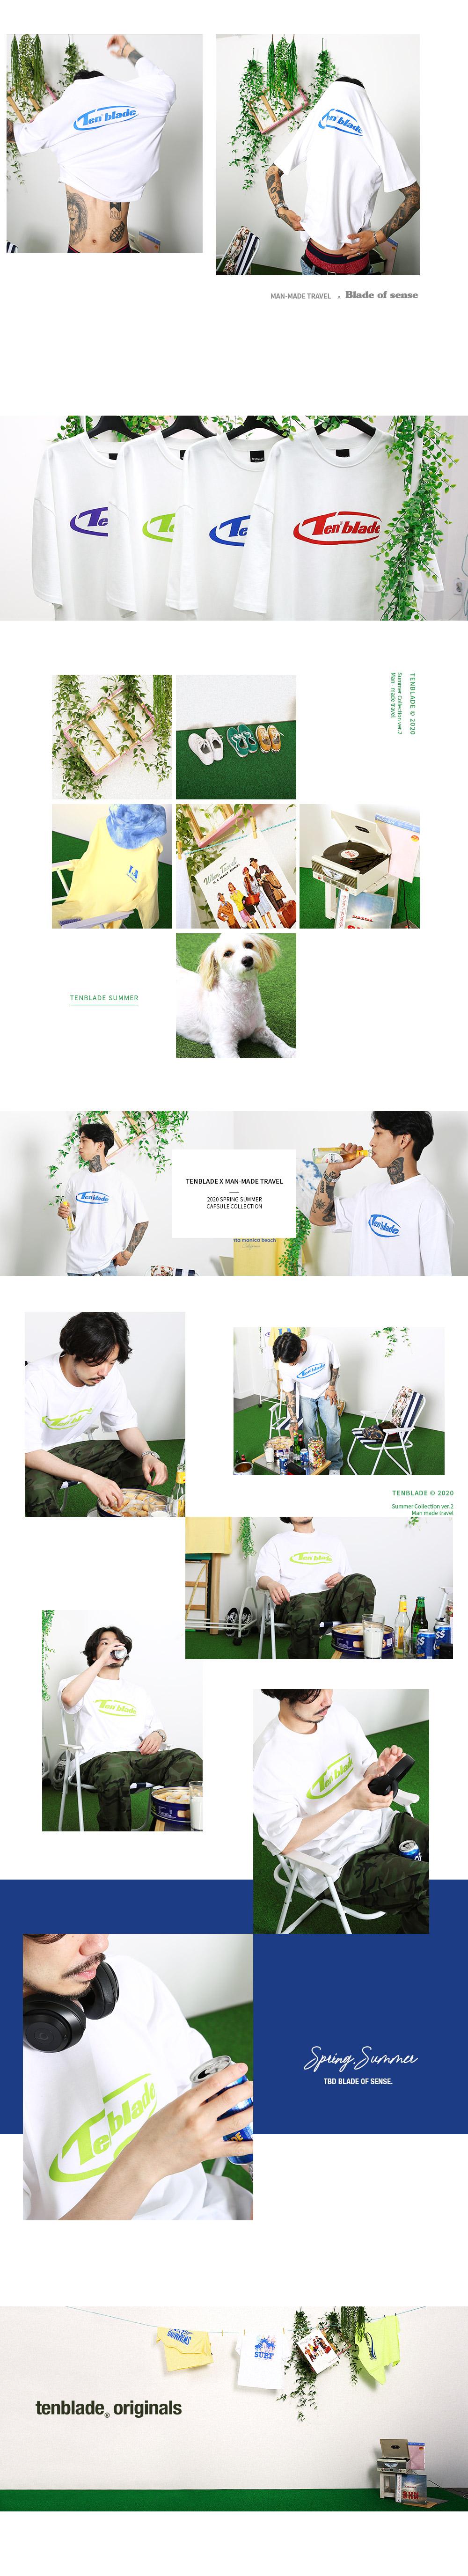 tbj139ss-white-green_03.jpg